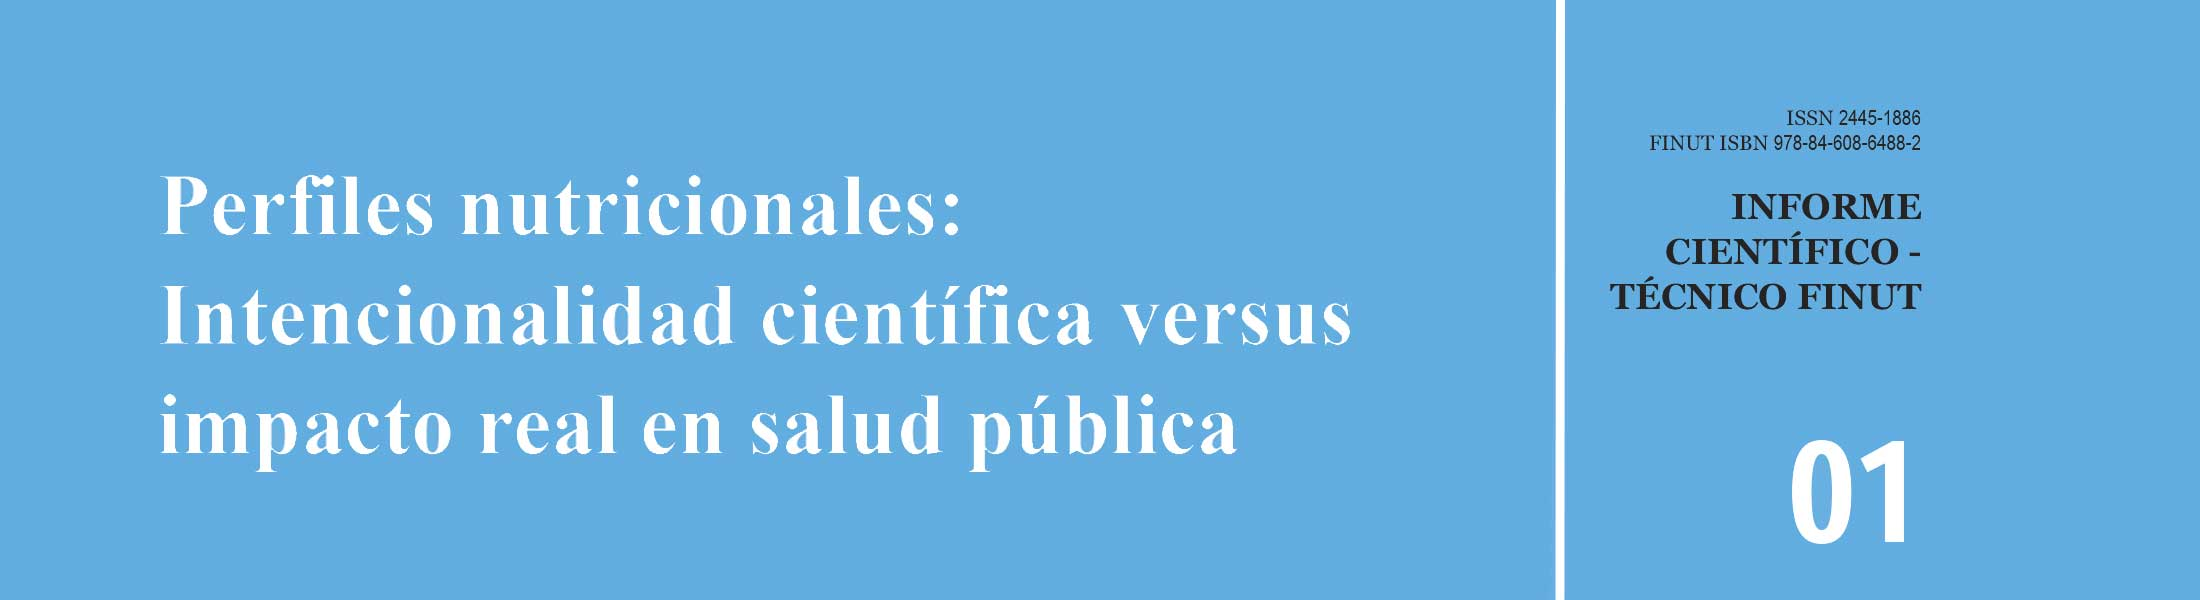 """Descárgate gratis la versión en español de nuestro informe """"Perfiles nutricionales"""""""